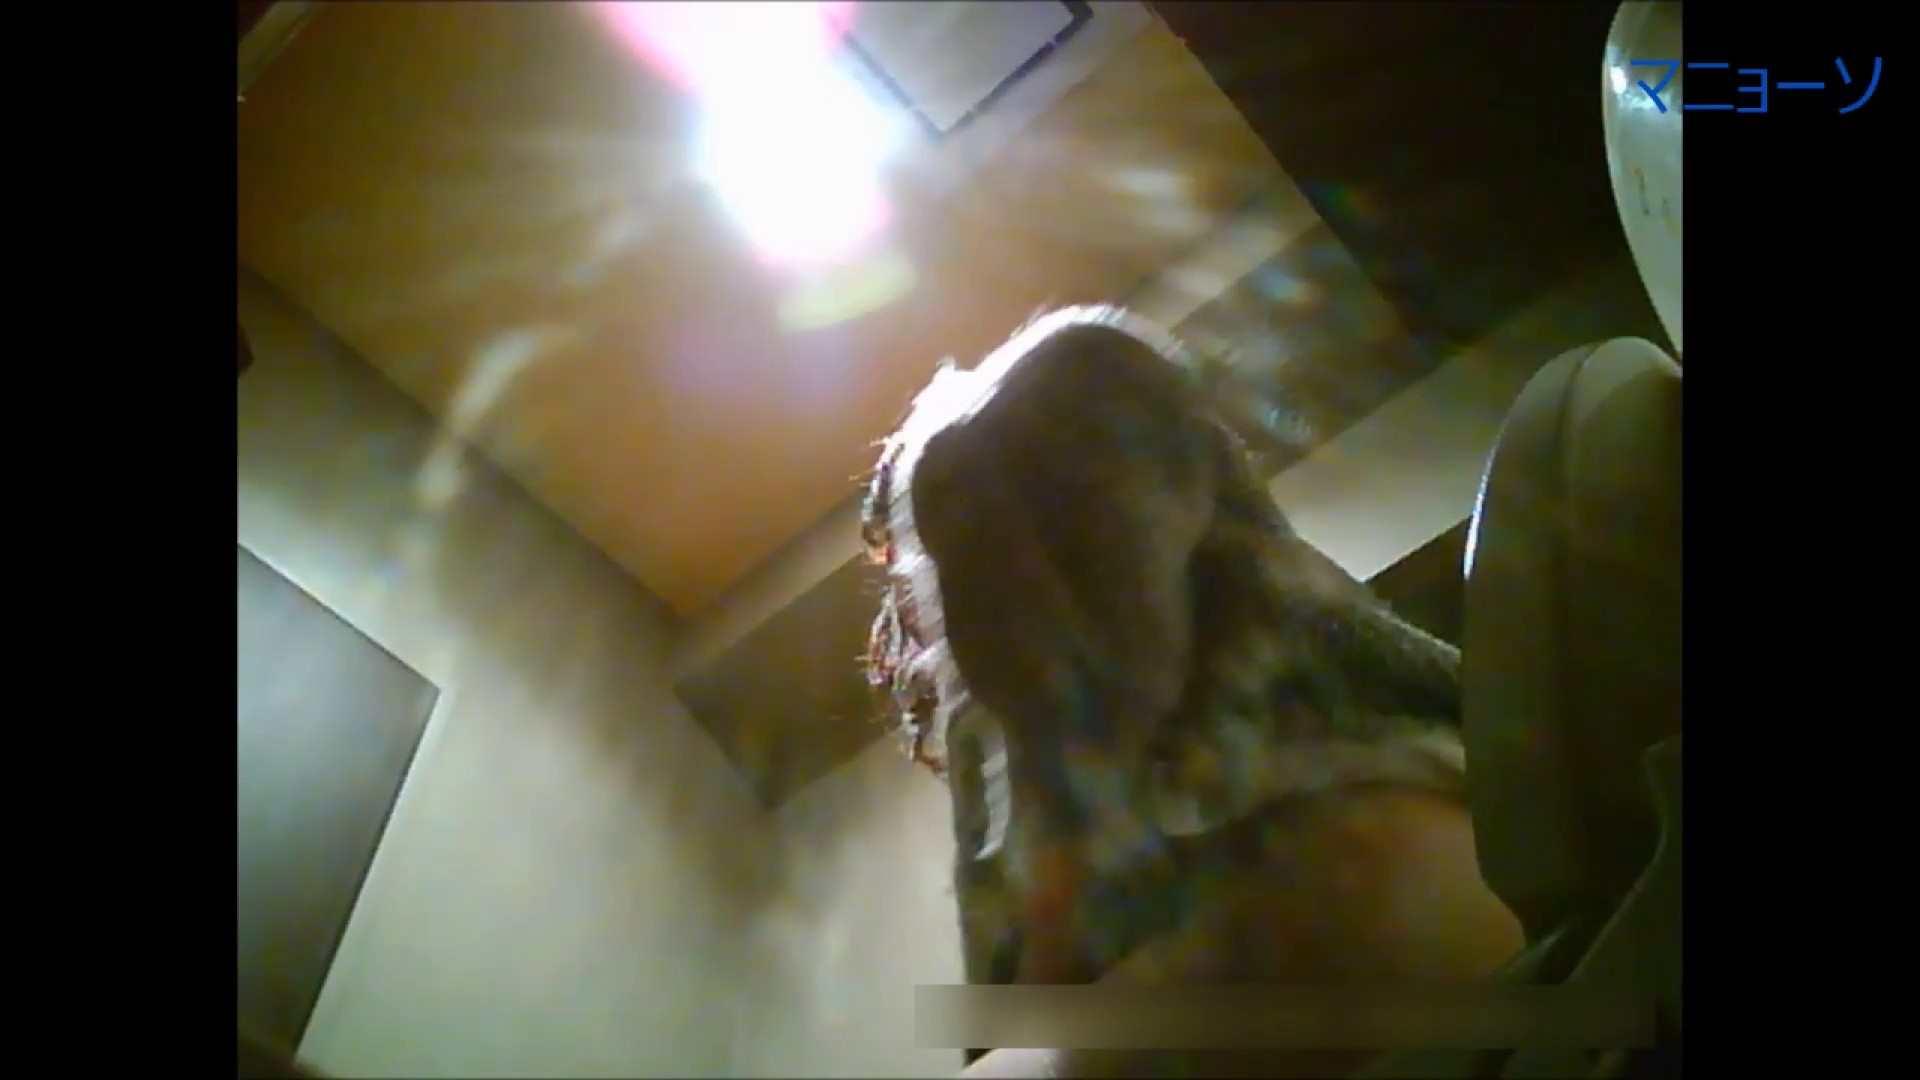 トイレでひと肌脱いでもらいました (JD編)Vol.02 トイレ中の女子達 | エッチすぎるOL達  106連発 91